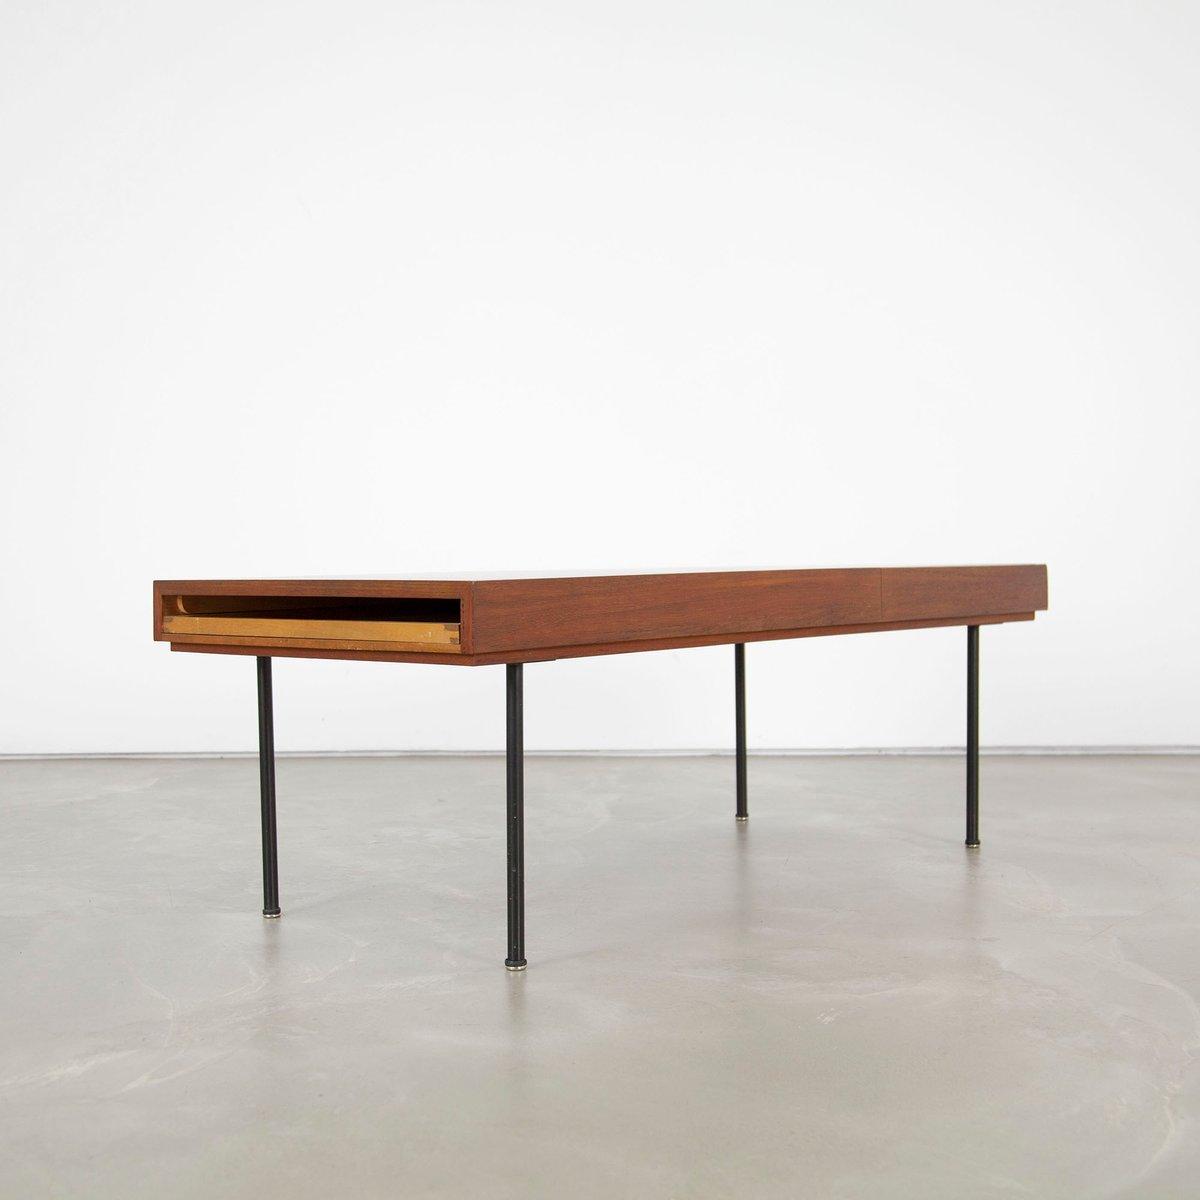 Table basse extensible mod le 4652 mid century en teck for Table extensible en solde